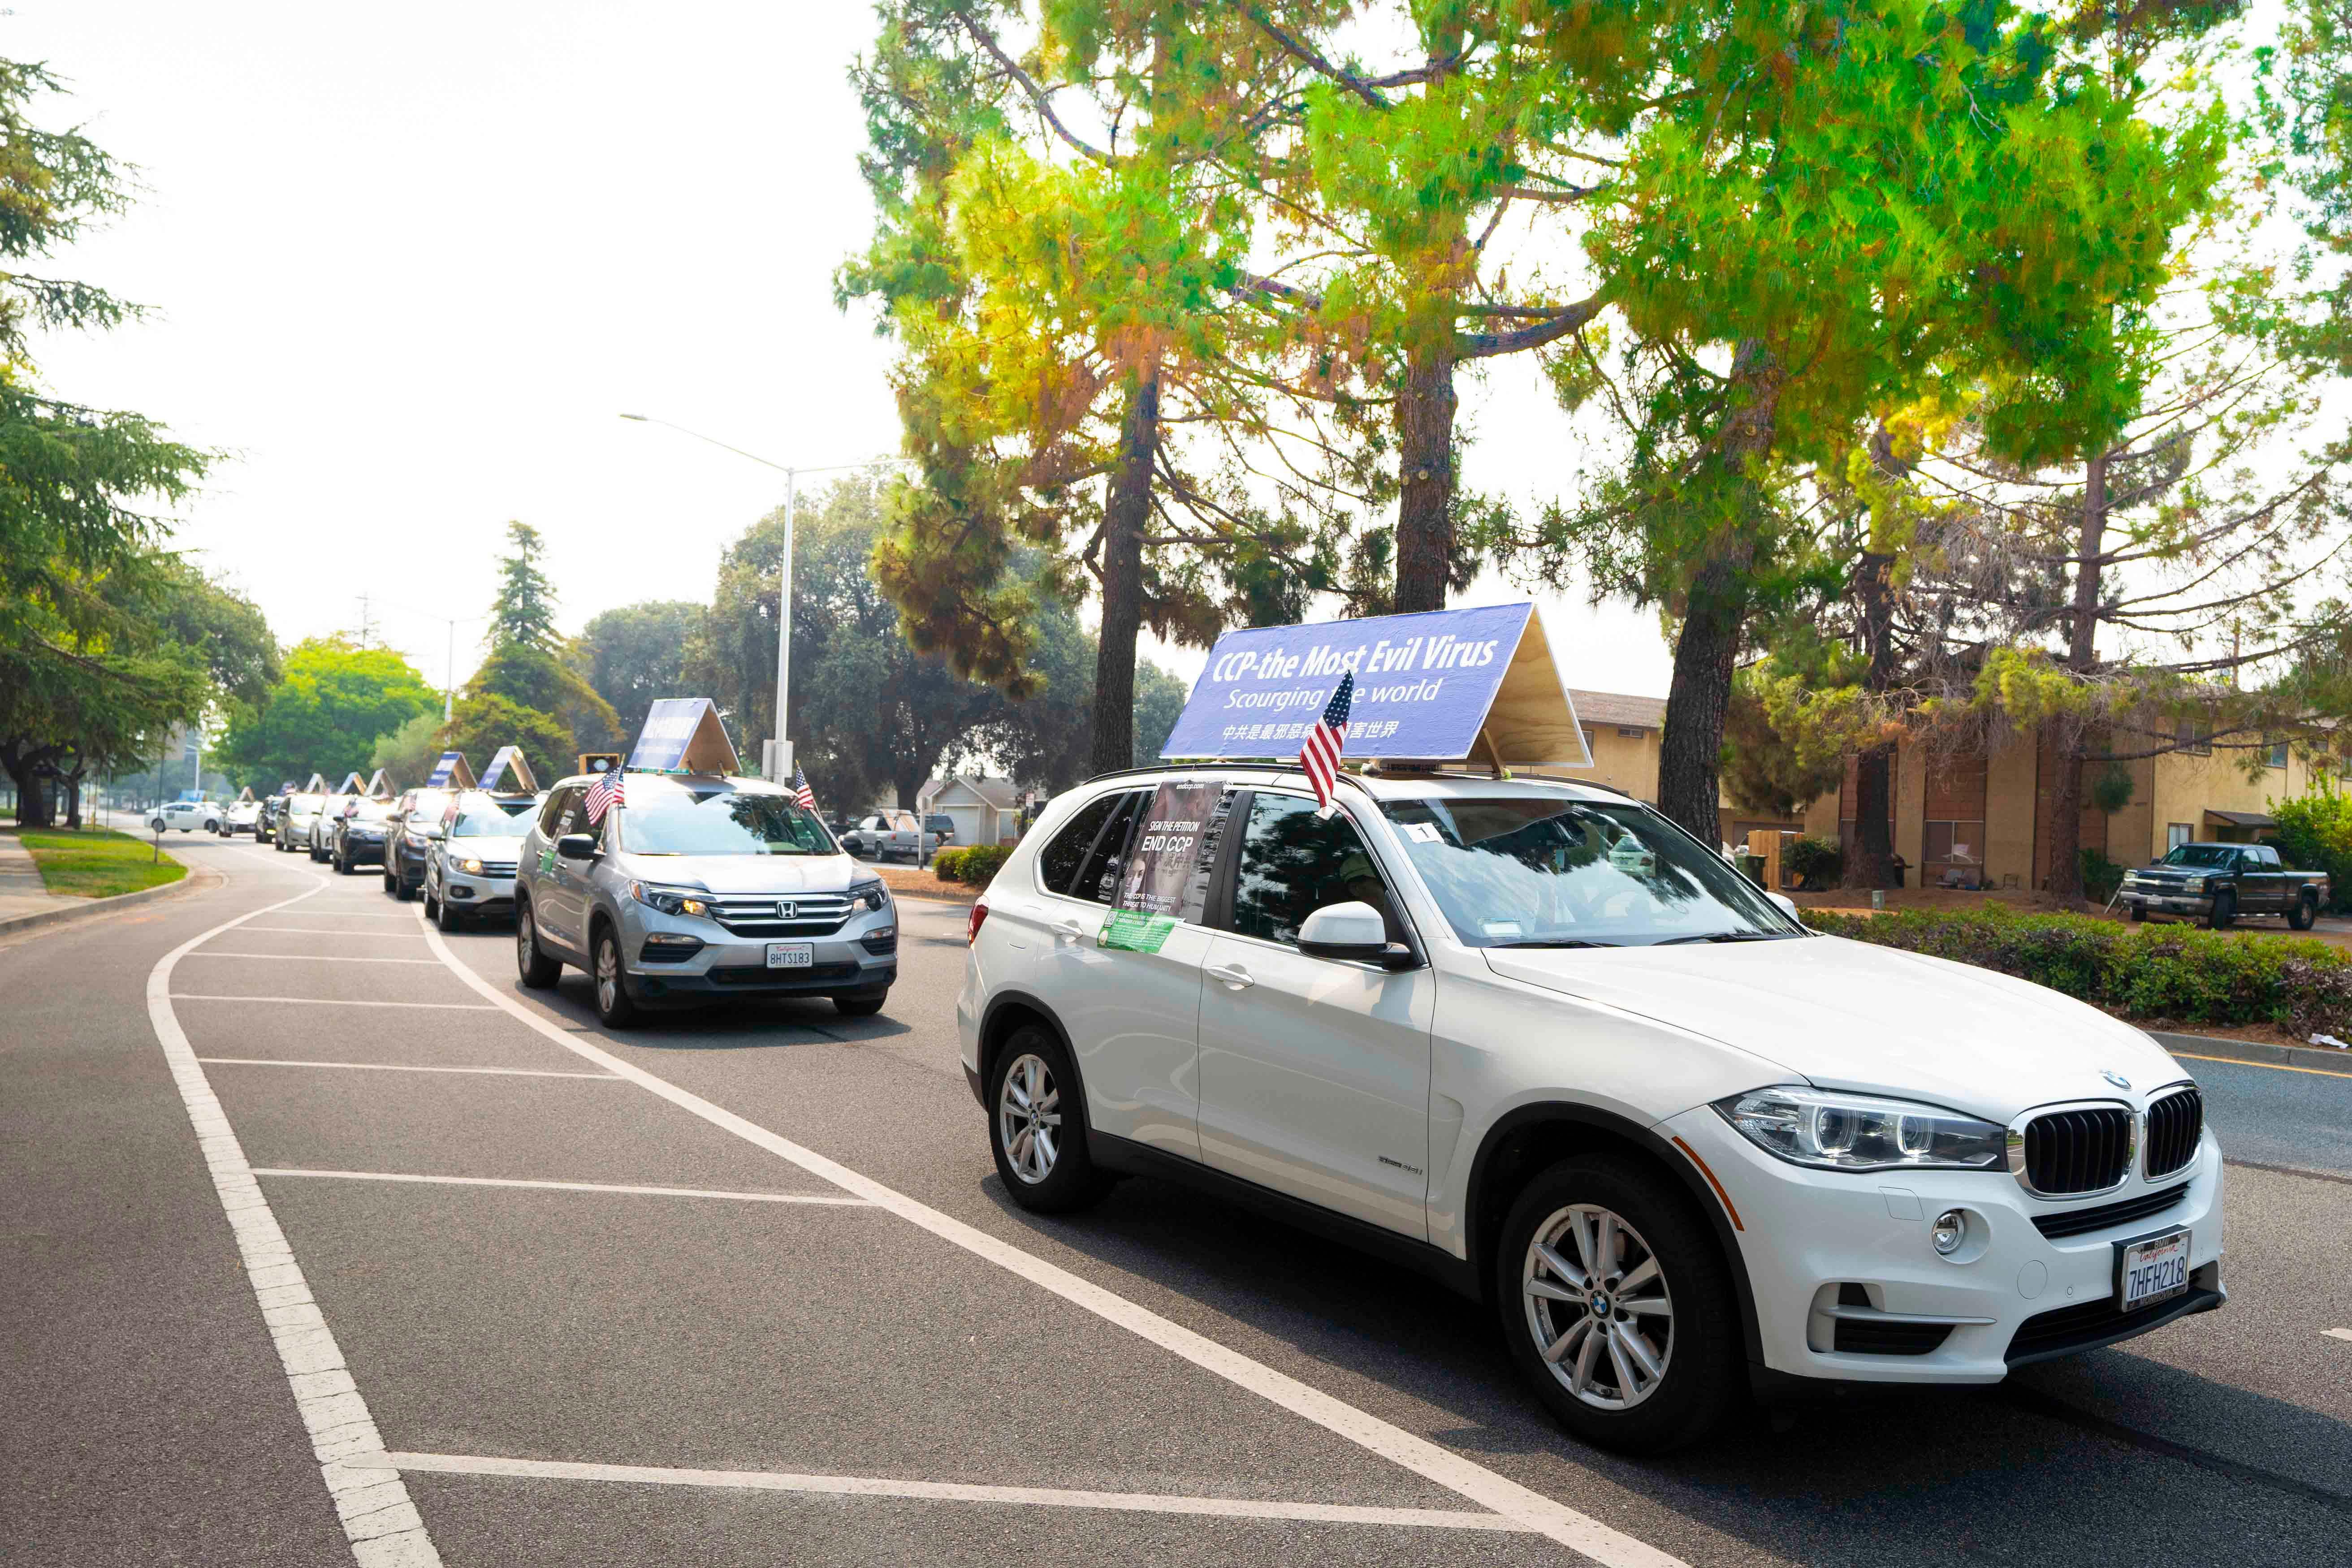 加州菲利蒙法輪功學員汽車遊行